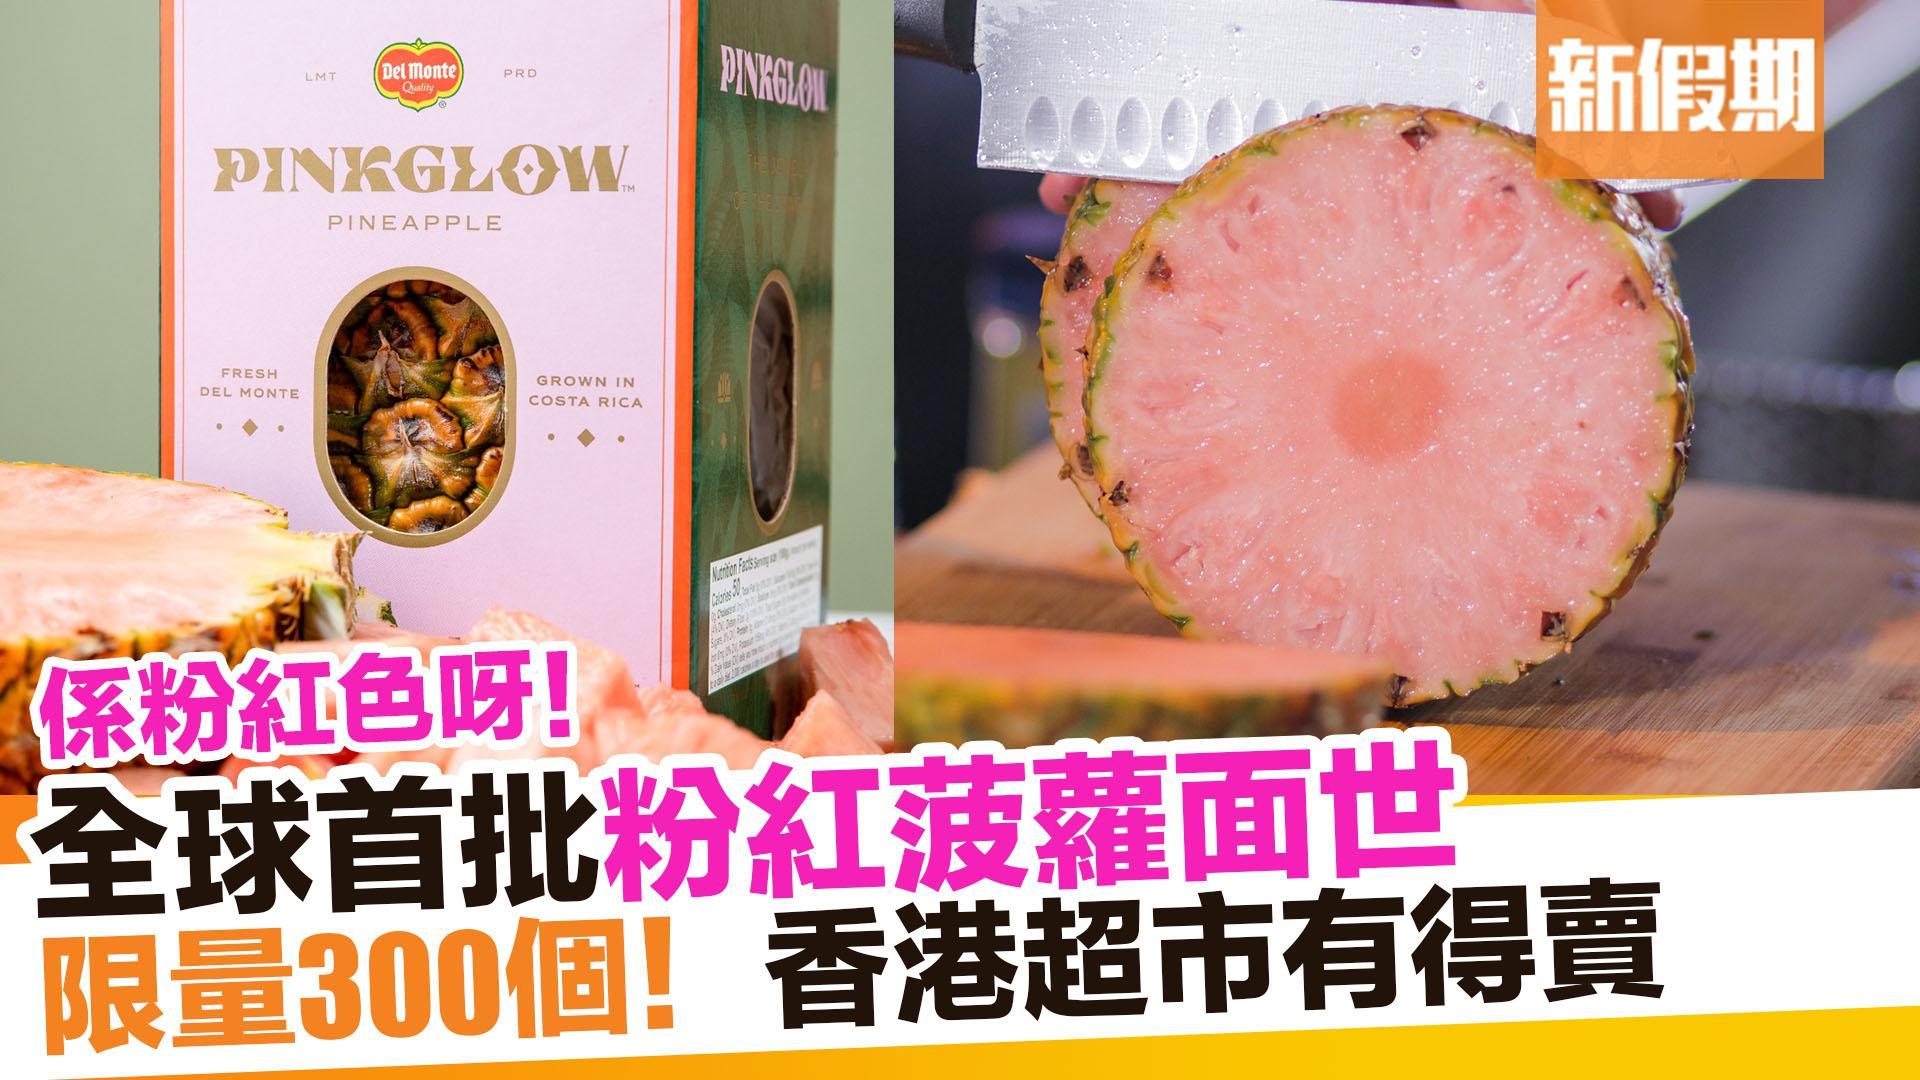 【新品速遞】粉紅菠蘿面世!地捫研發全港限量300個 新假期